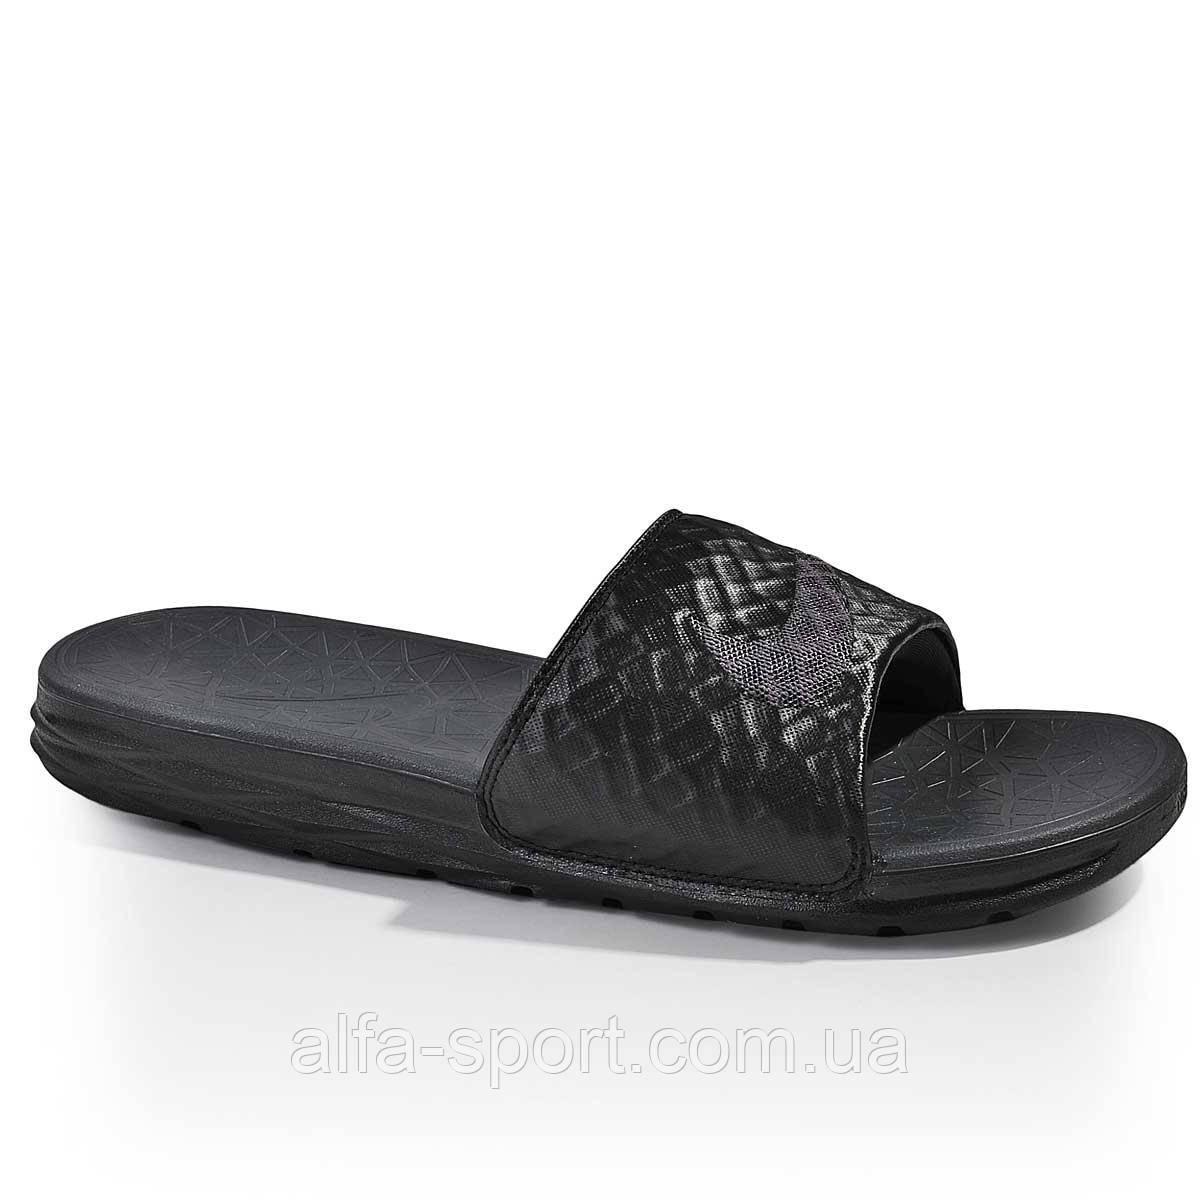 5692ca97 Сланцы Nike Benassi Solarsoft (705474-091) — в Категории